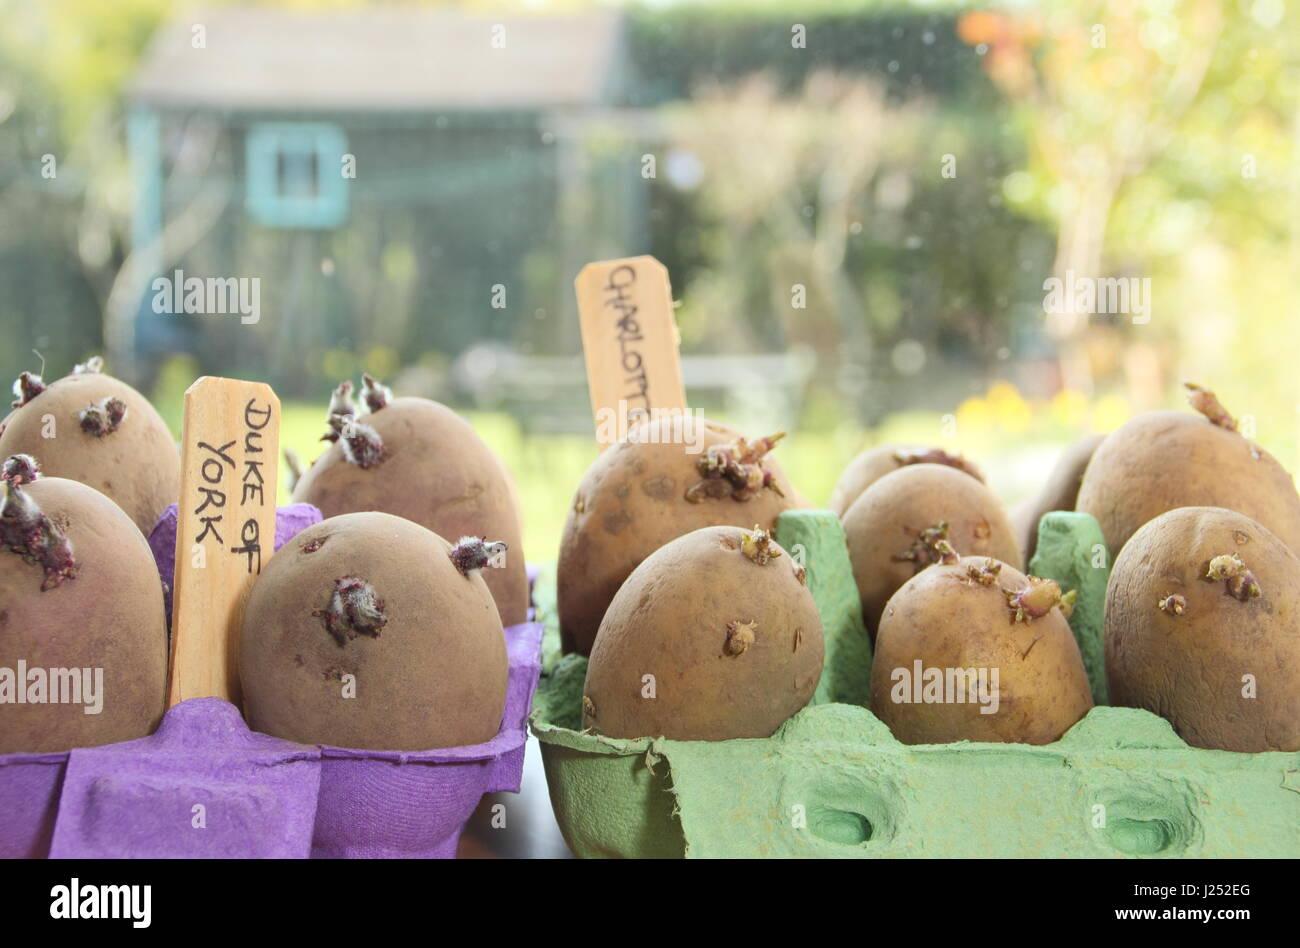 Chitting patatas de siembra de variedades en cajas de huevo en el alféizar de la ventana soleada para promover Imagen De Stock